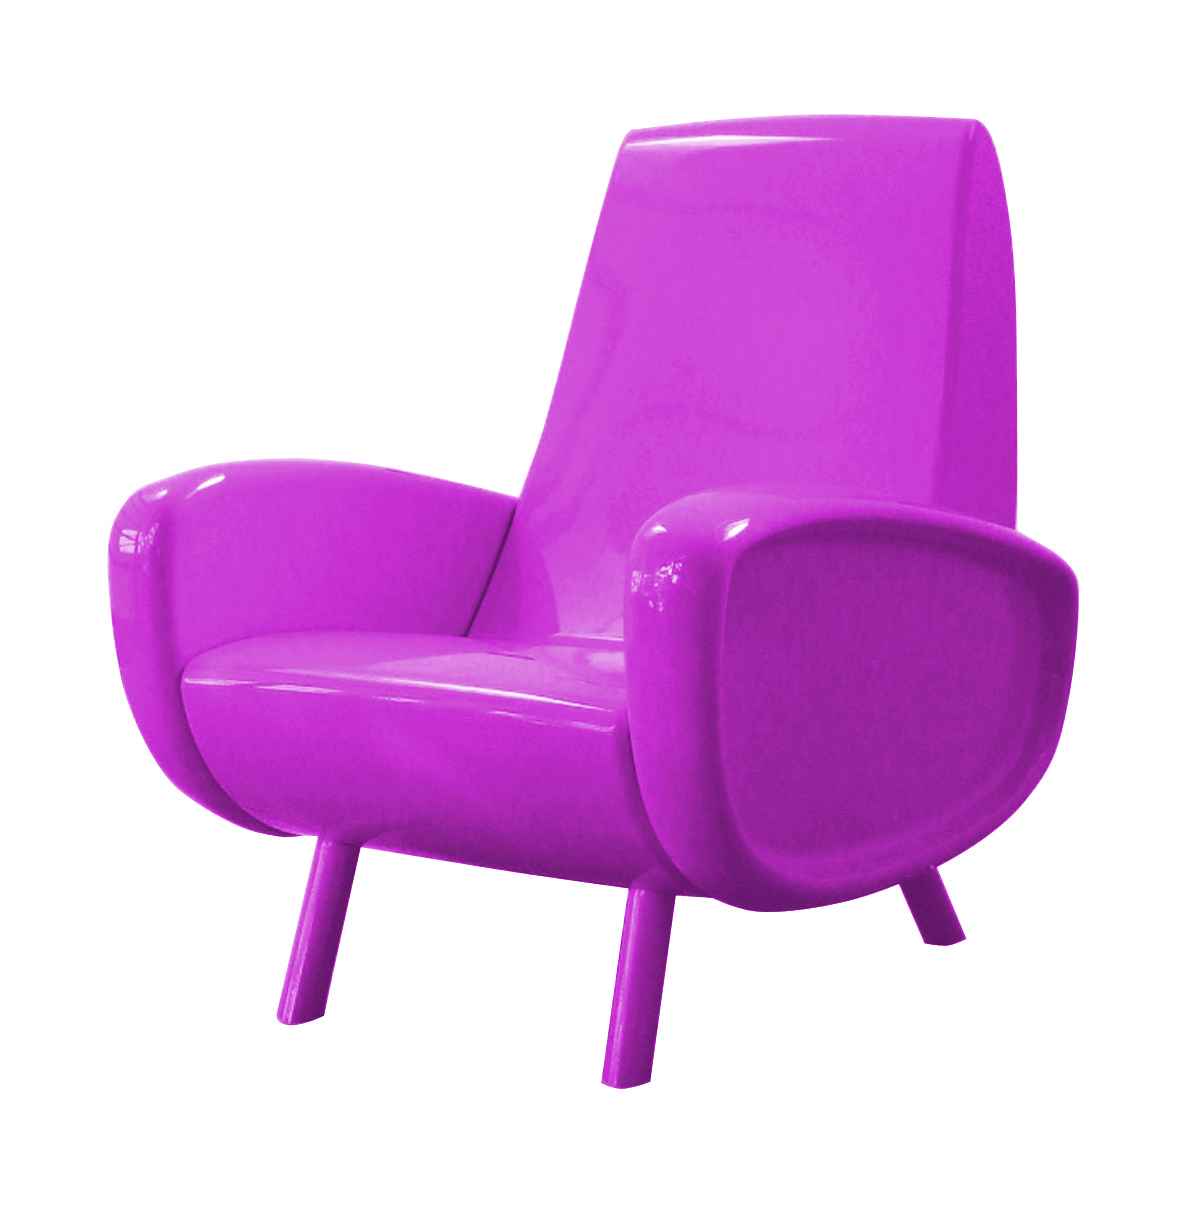 Tendance 50 39 fauteuil enfant blog bazar - Fauteuil rose enfant ...